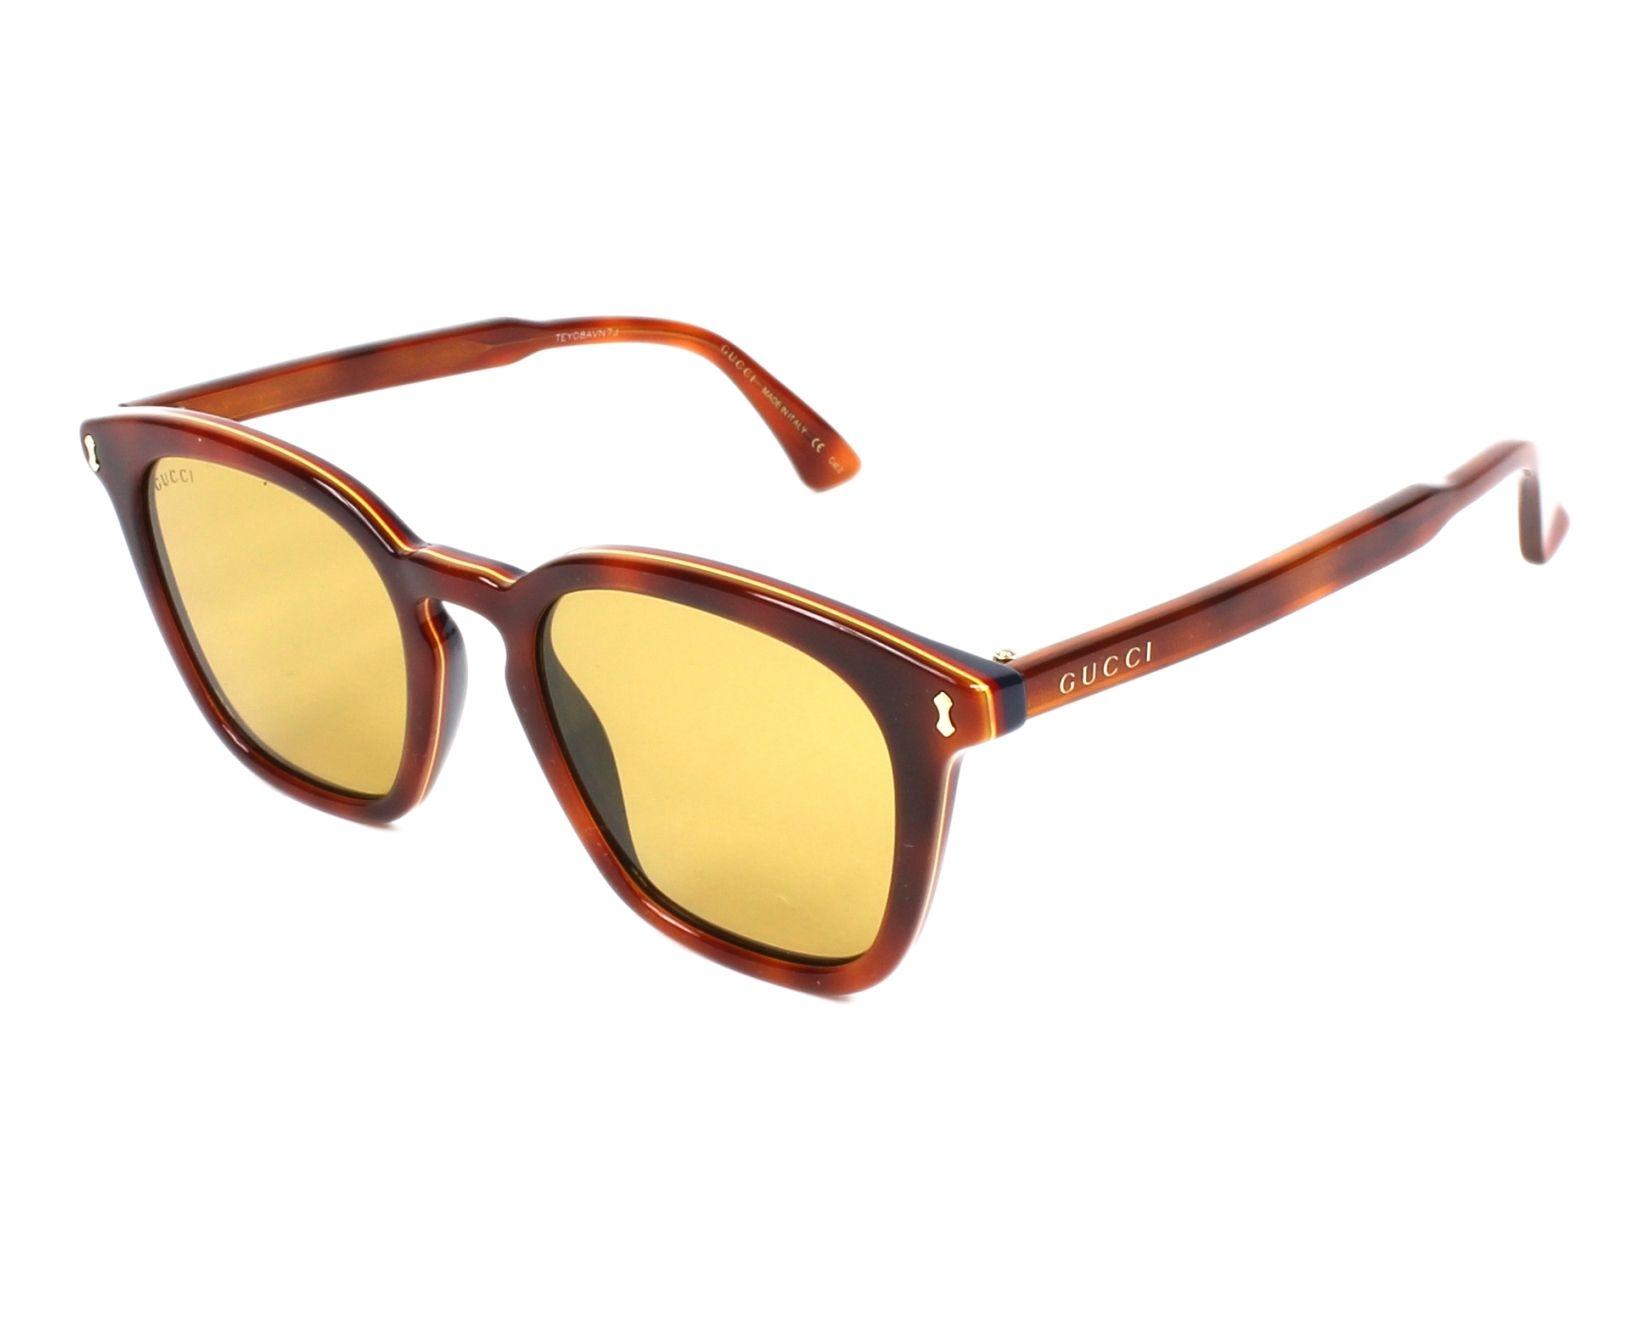 de961364cfe Sunglasses Gucci GG-0125-S 004 - Brown Blue profile view